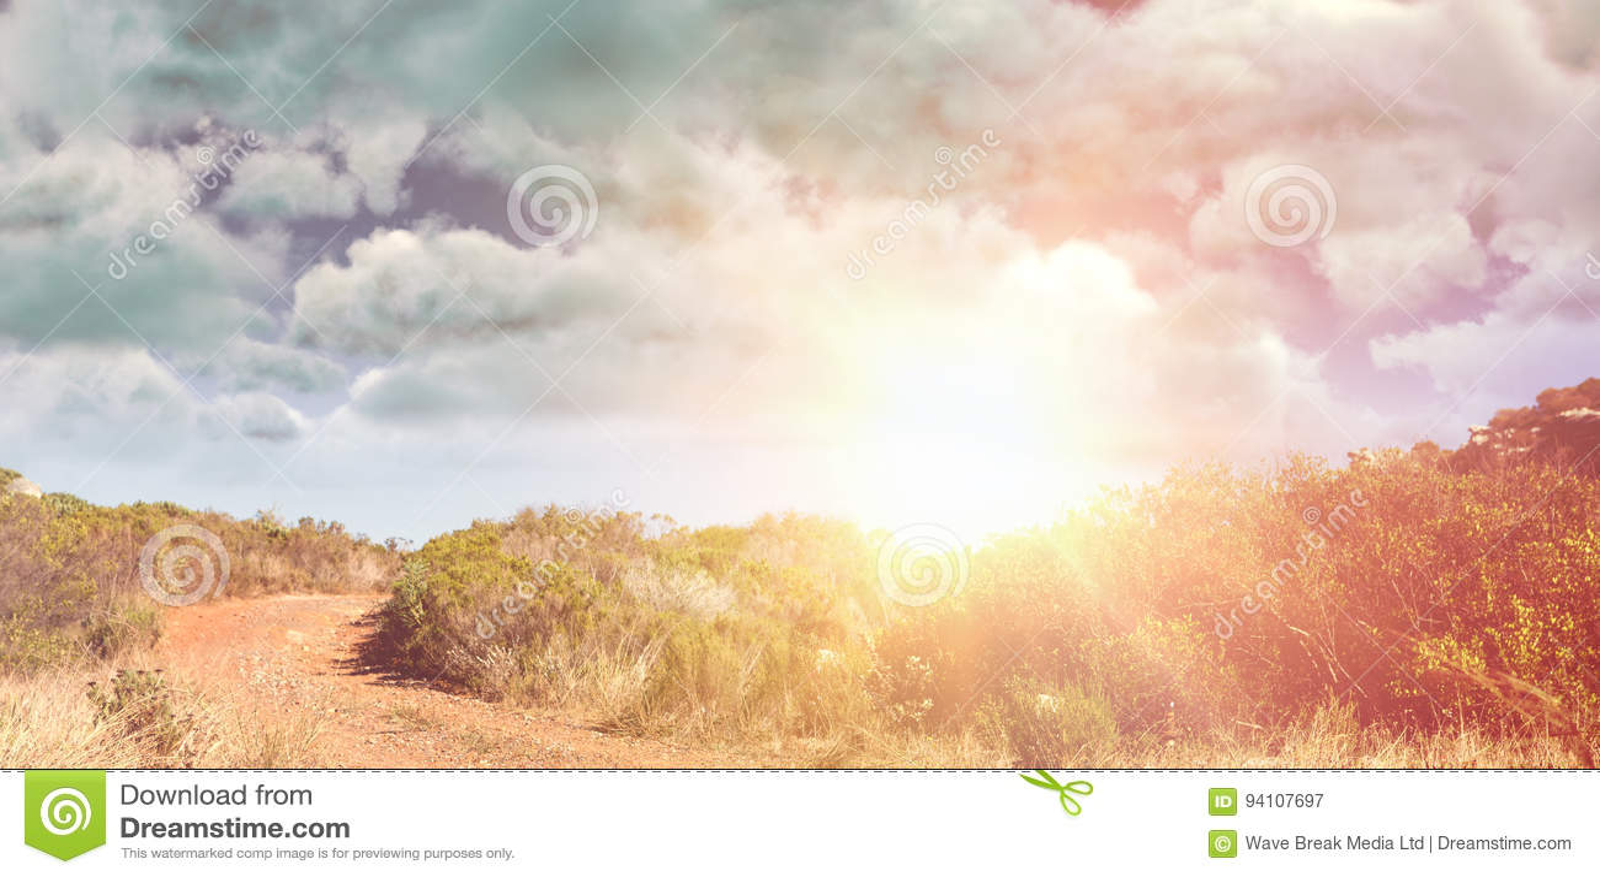 Imagen compuesta de la vista del revestimiento contra el cielo